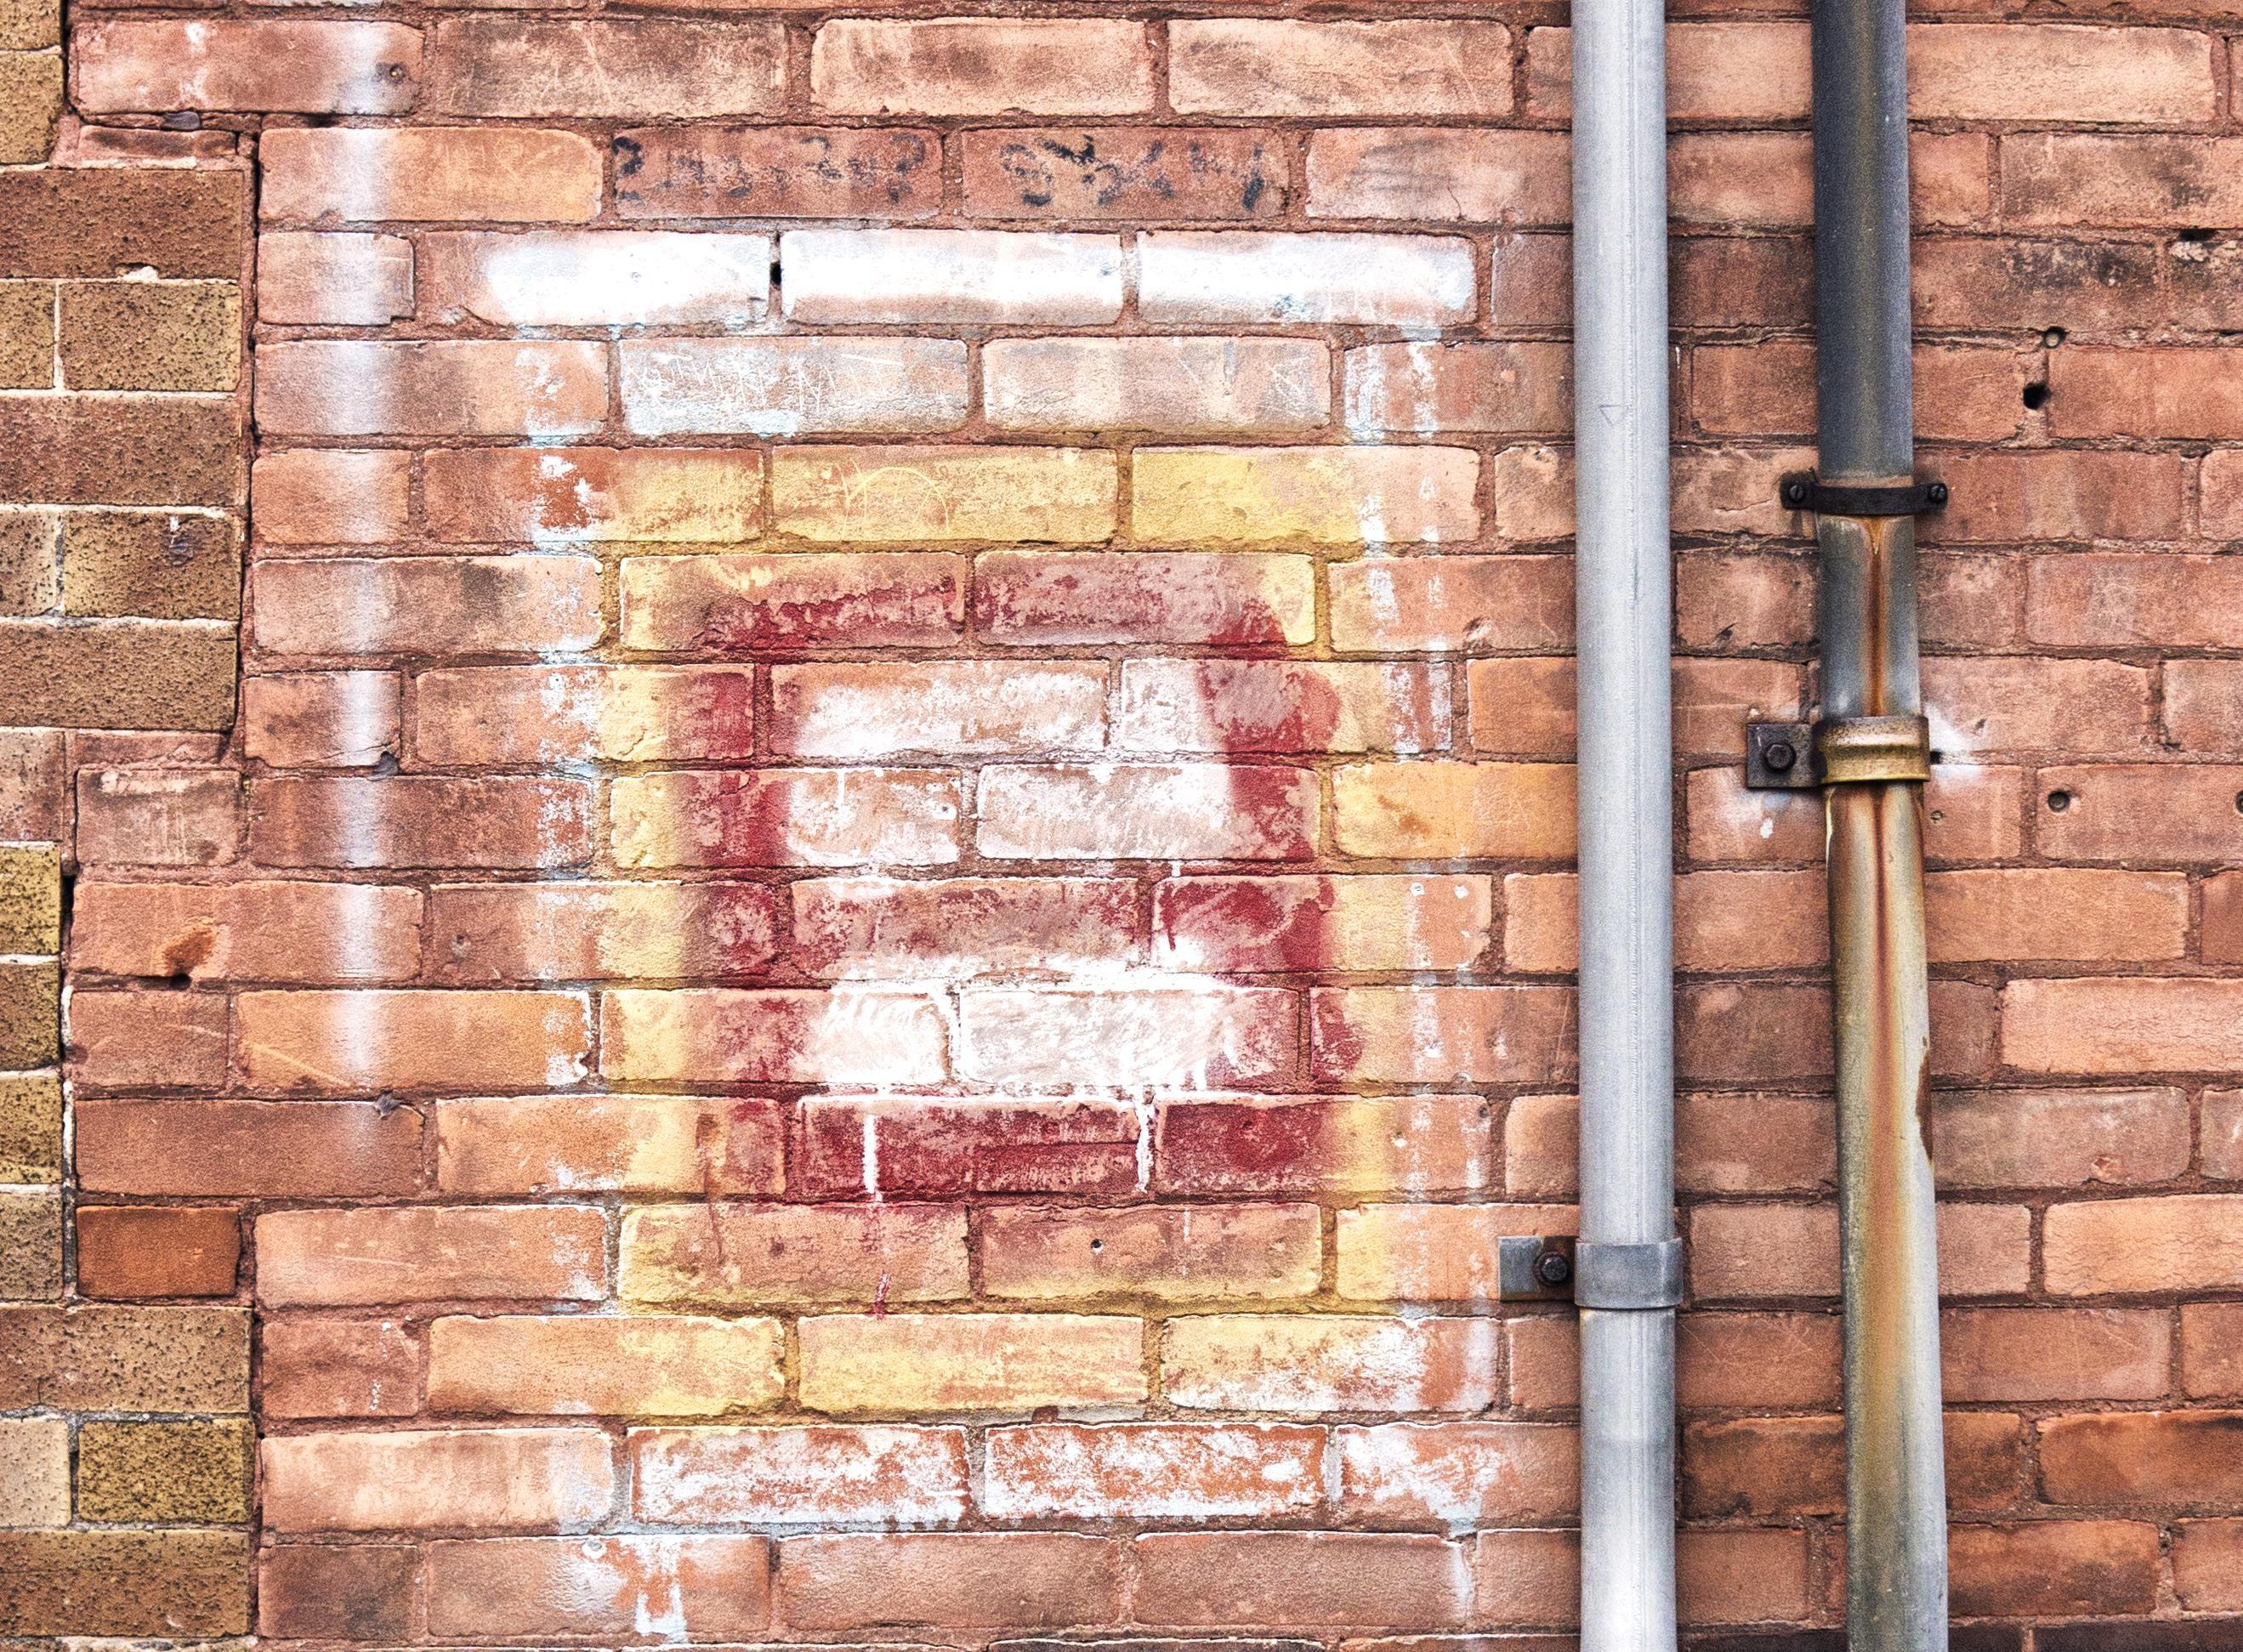 mur brique ciment vieux architecture mtal objet extrieur